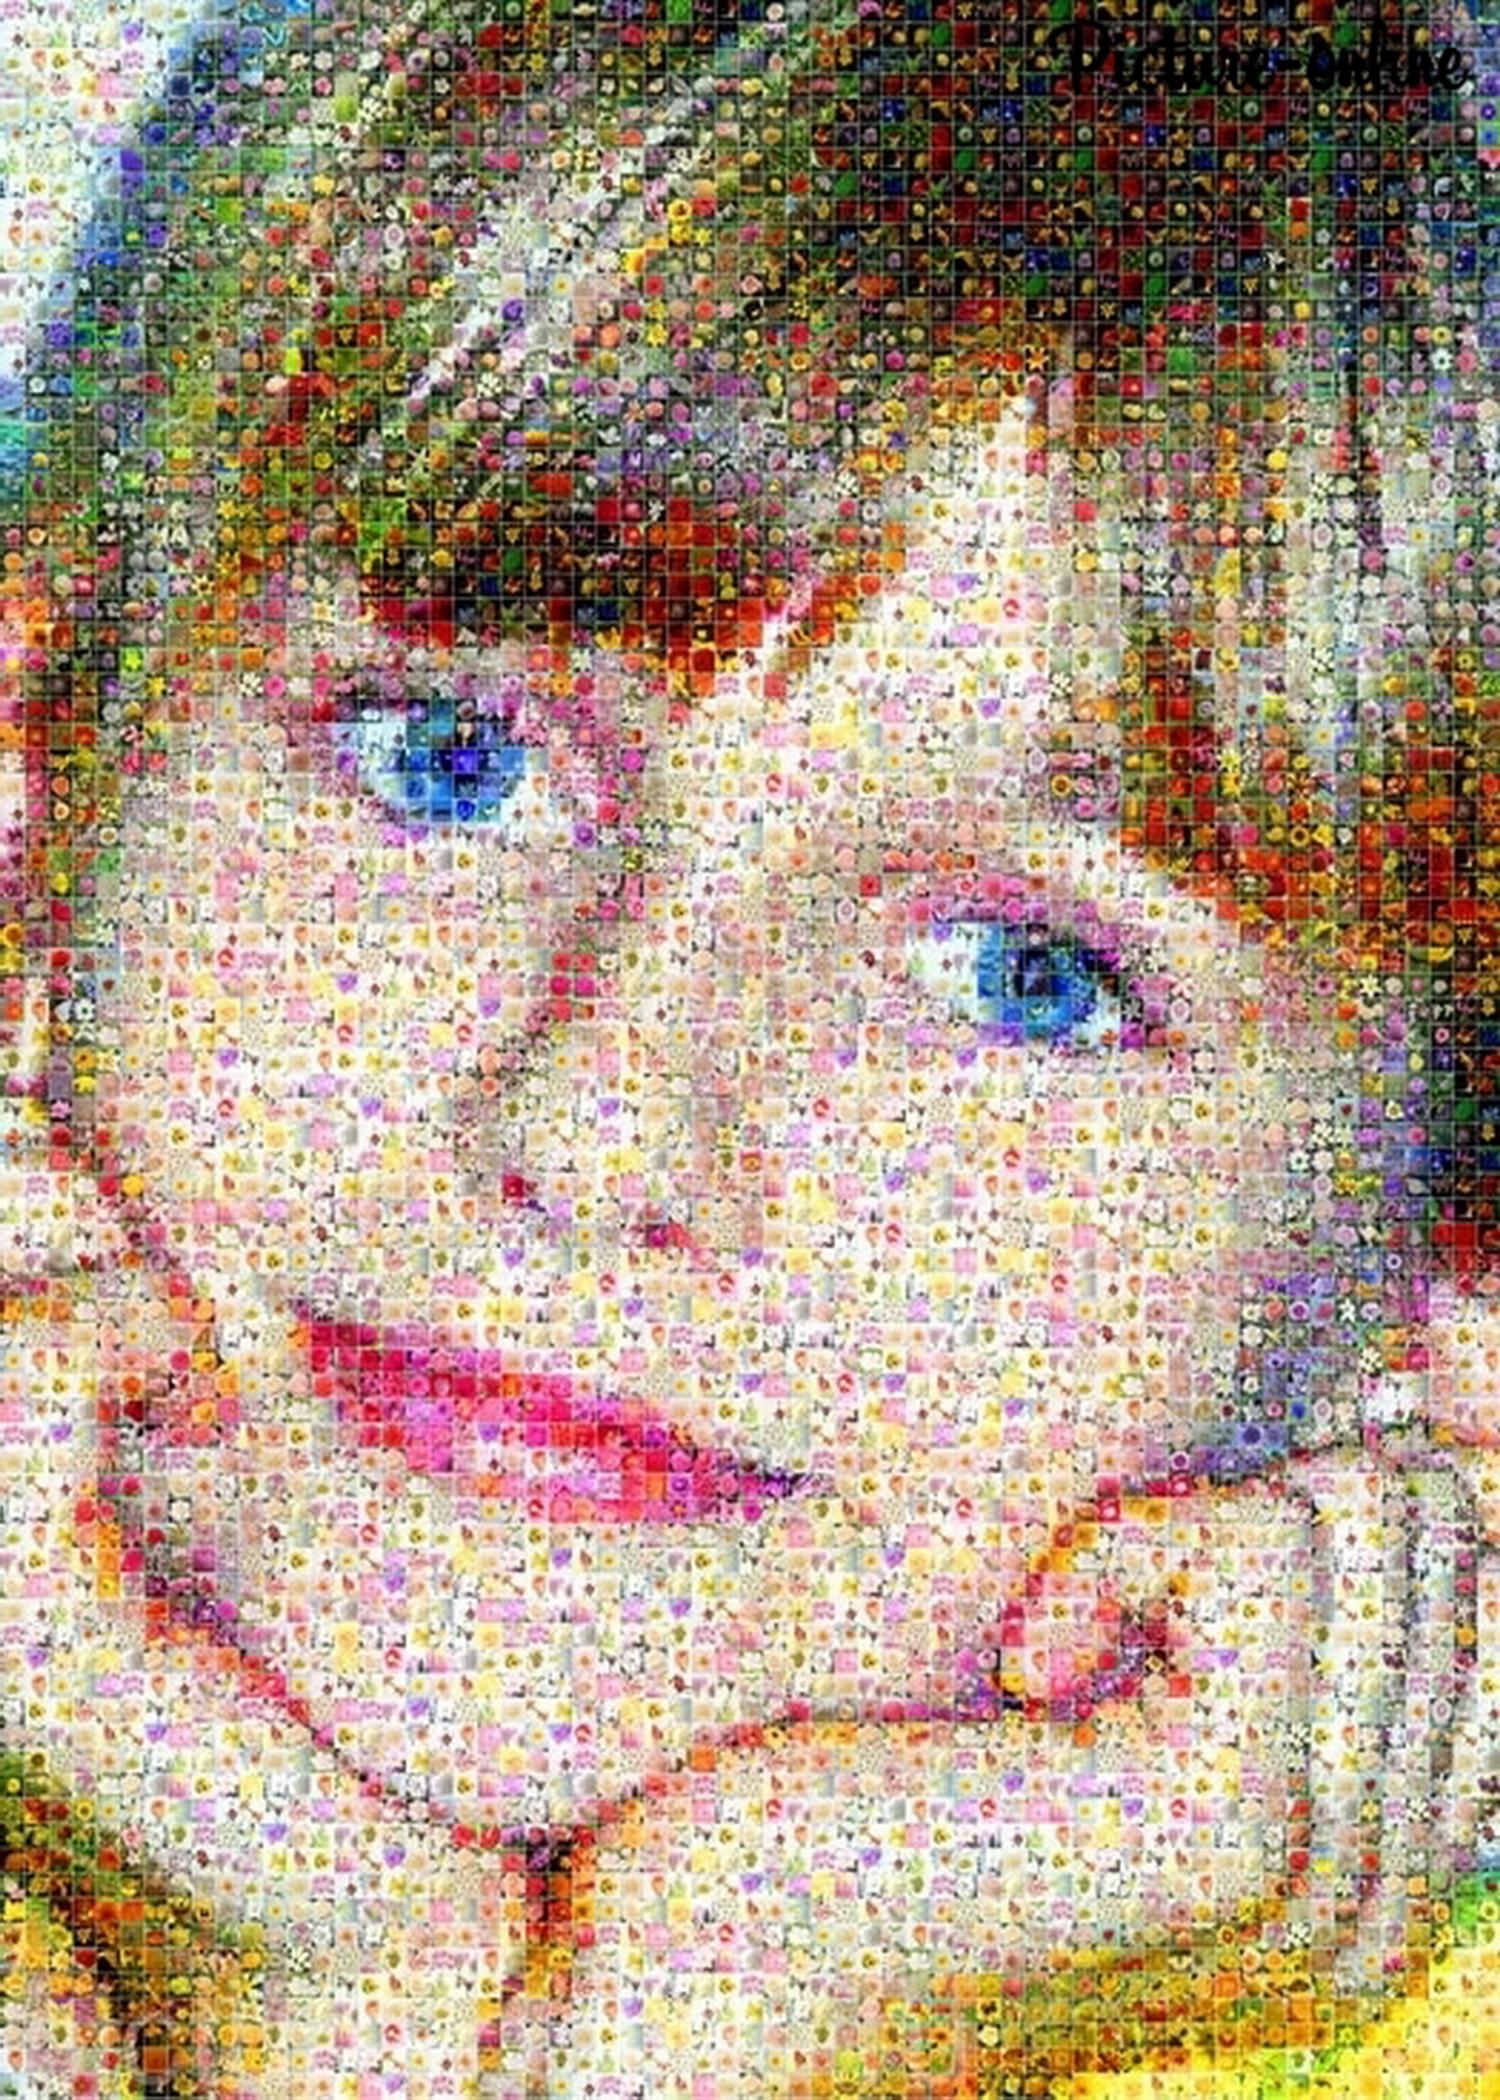 Как сделать портрет из фото на компьютере